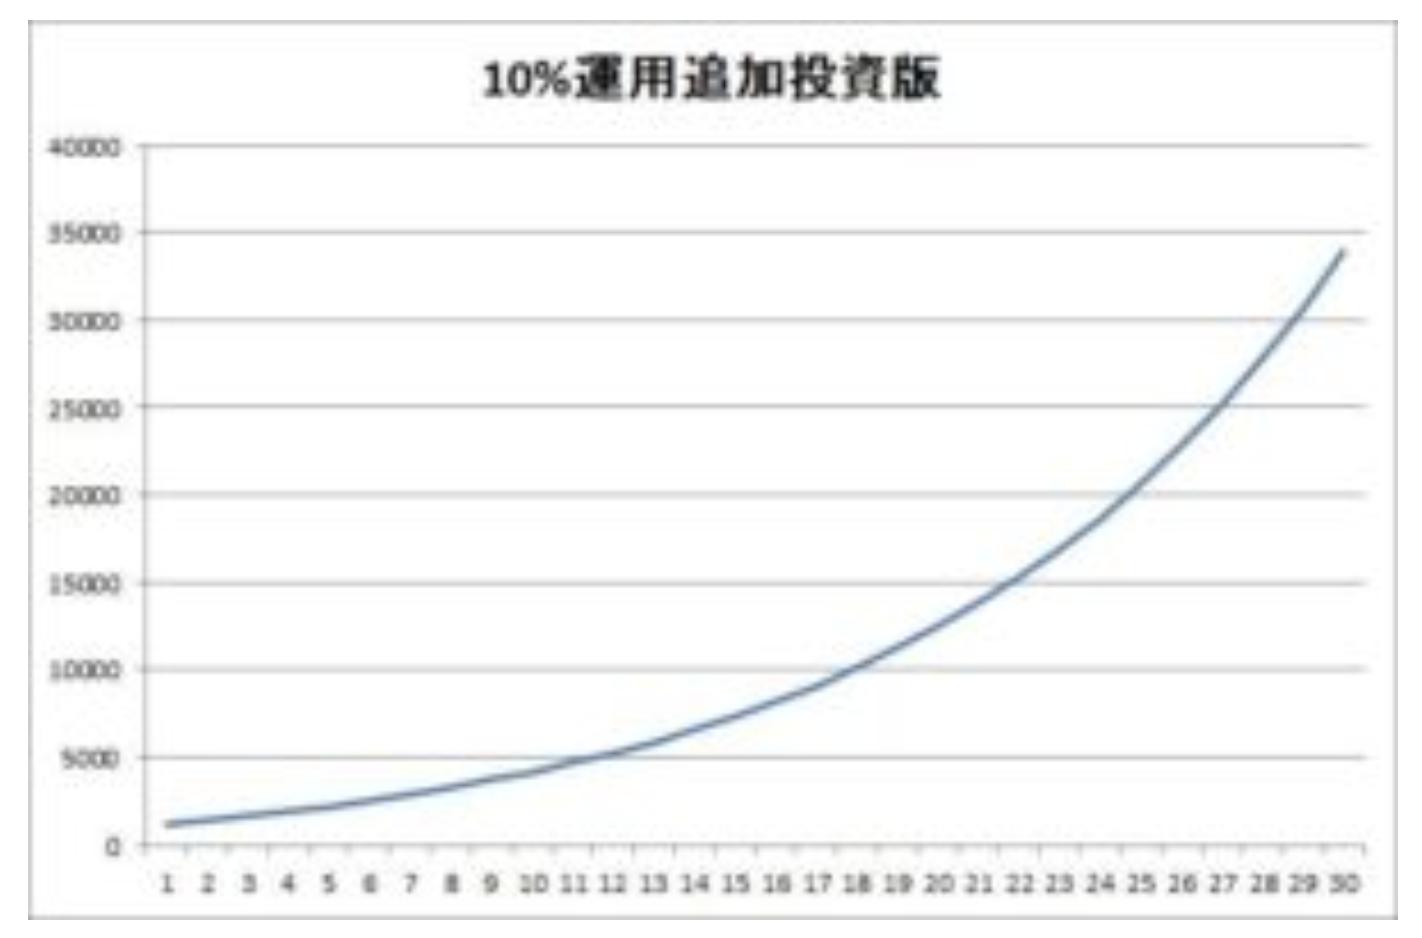 1000万円運用追加投資